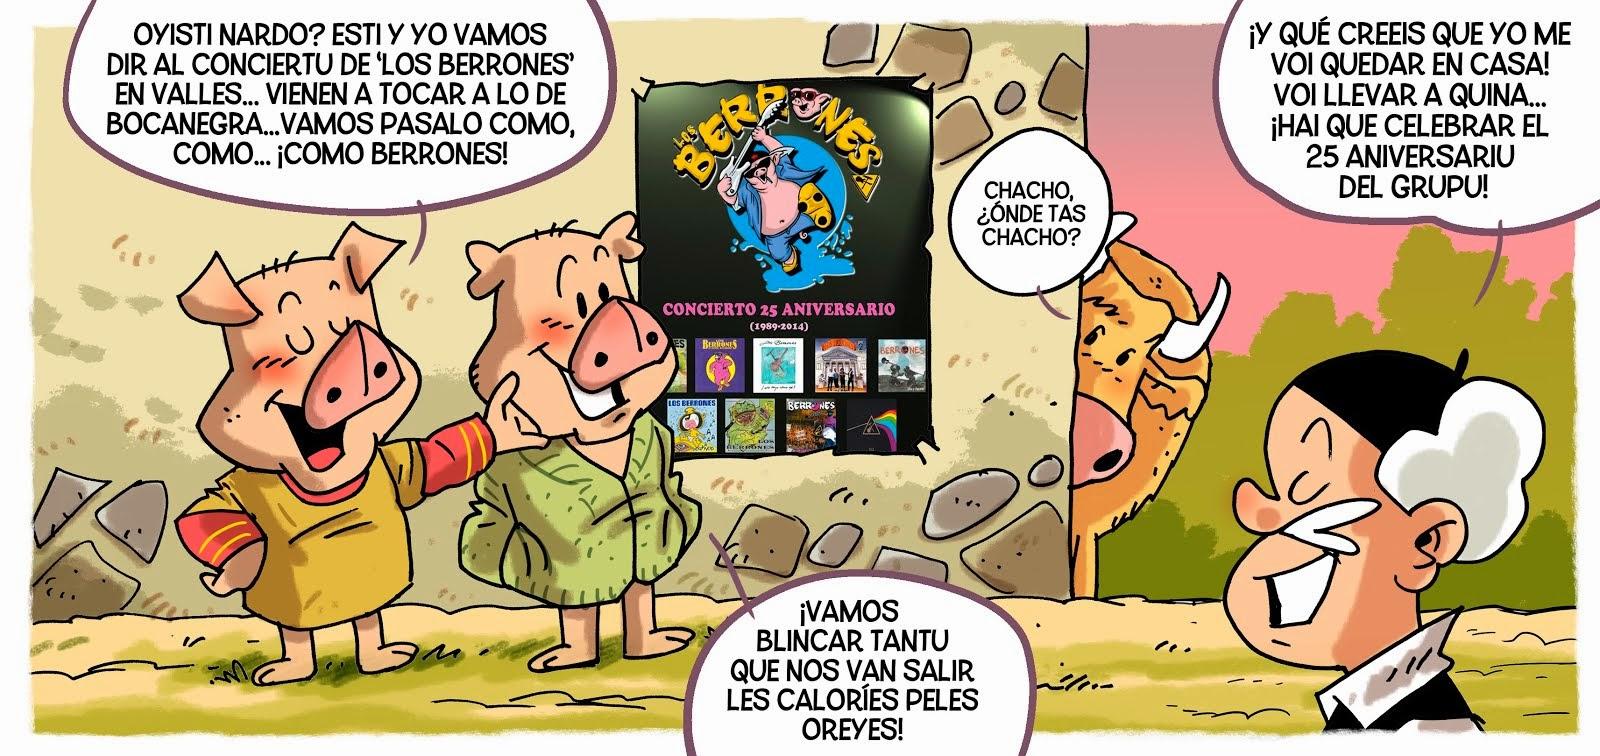 A PASALO COMO BERRONES!!!!....